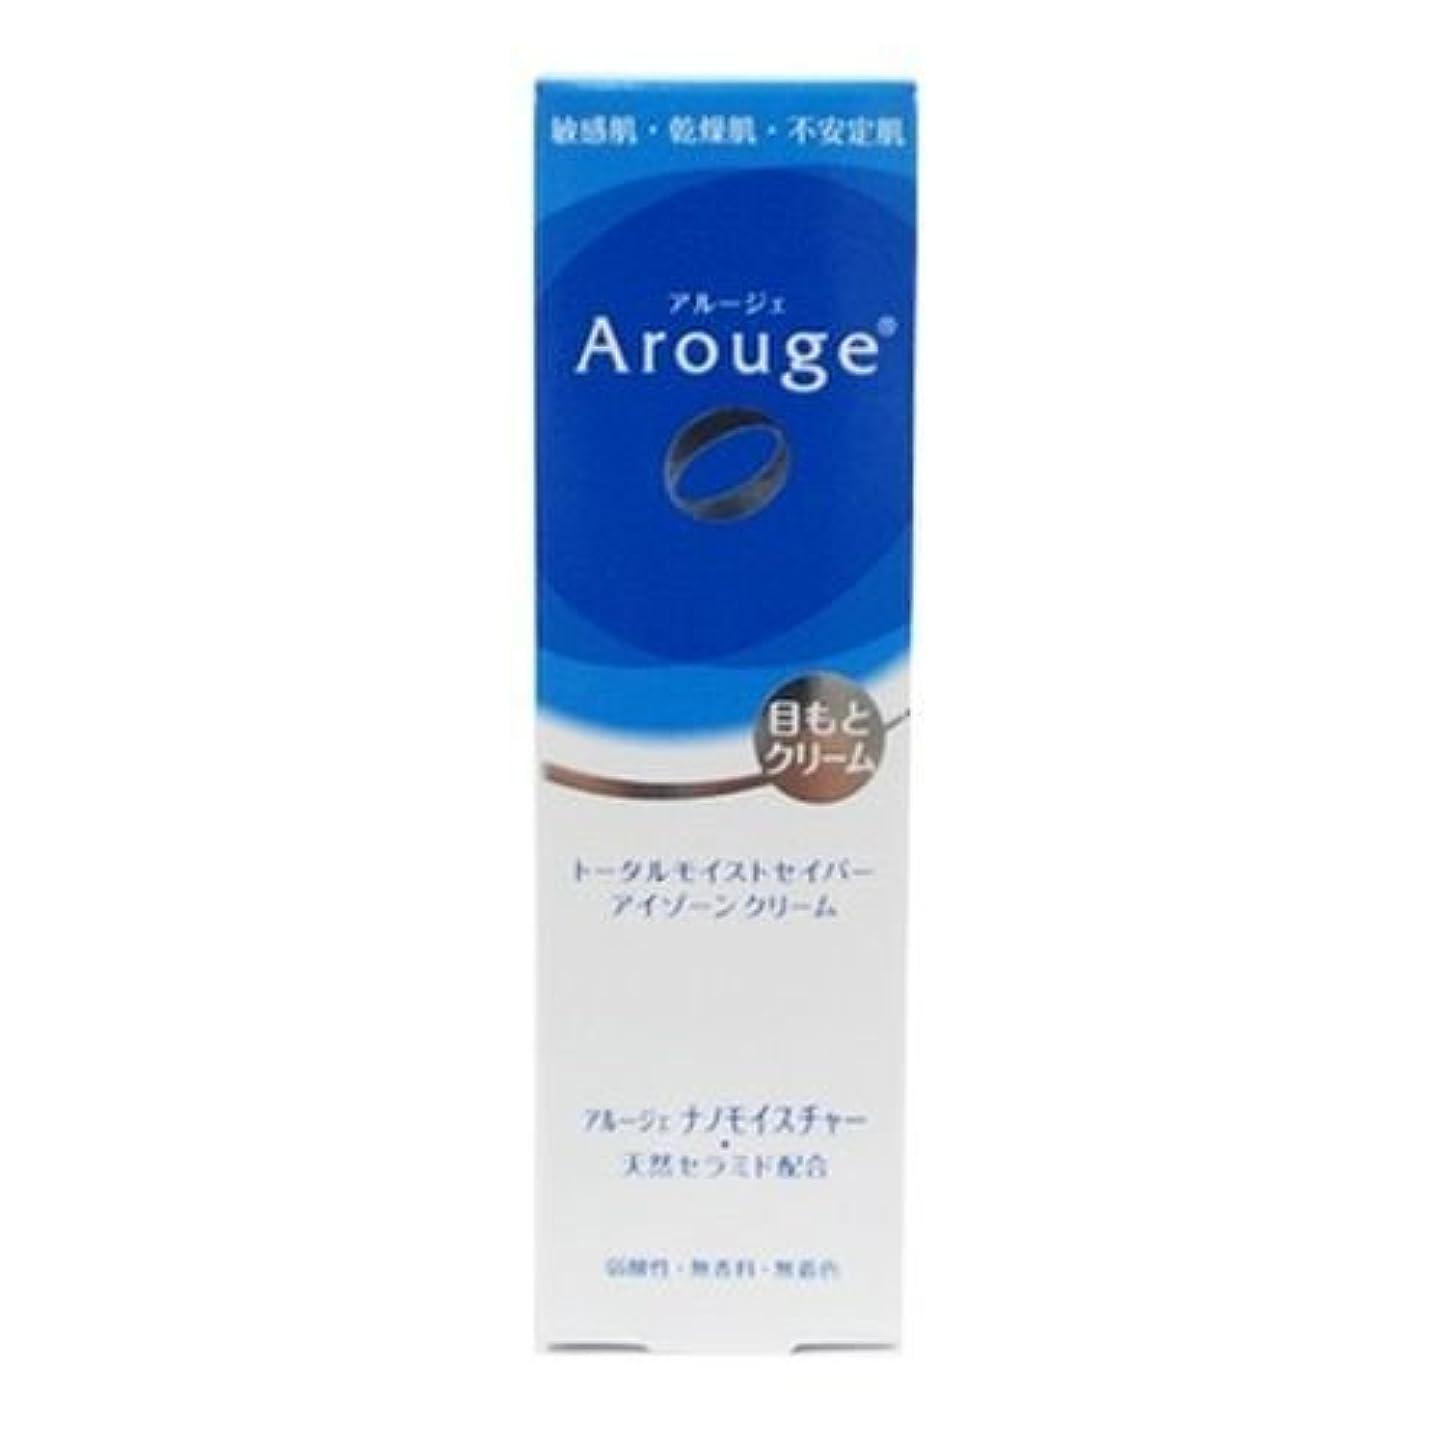 鉱石虫を数えるご注意アルージェ(Arouge)トータルモイストセイバー アイゾーンクリーム 15g